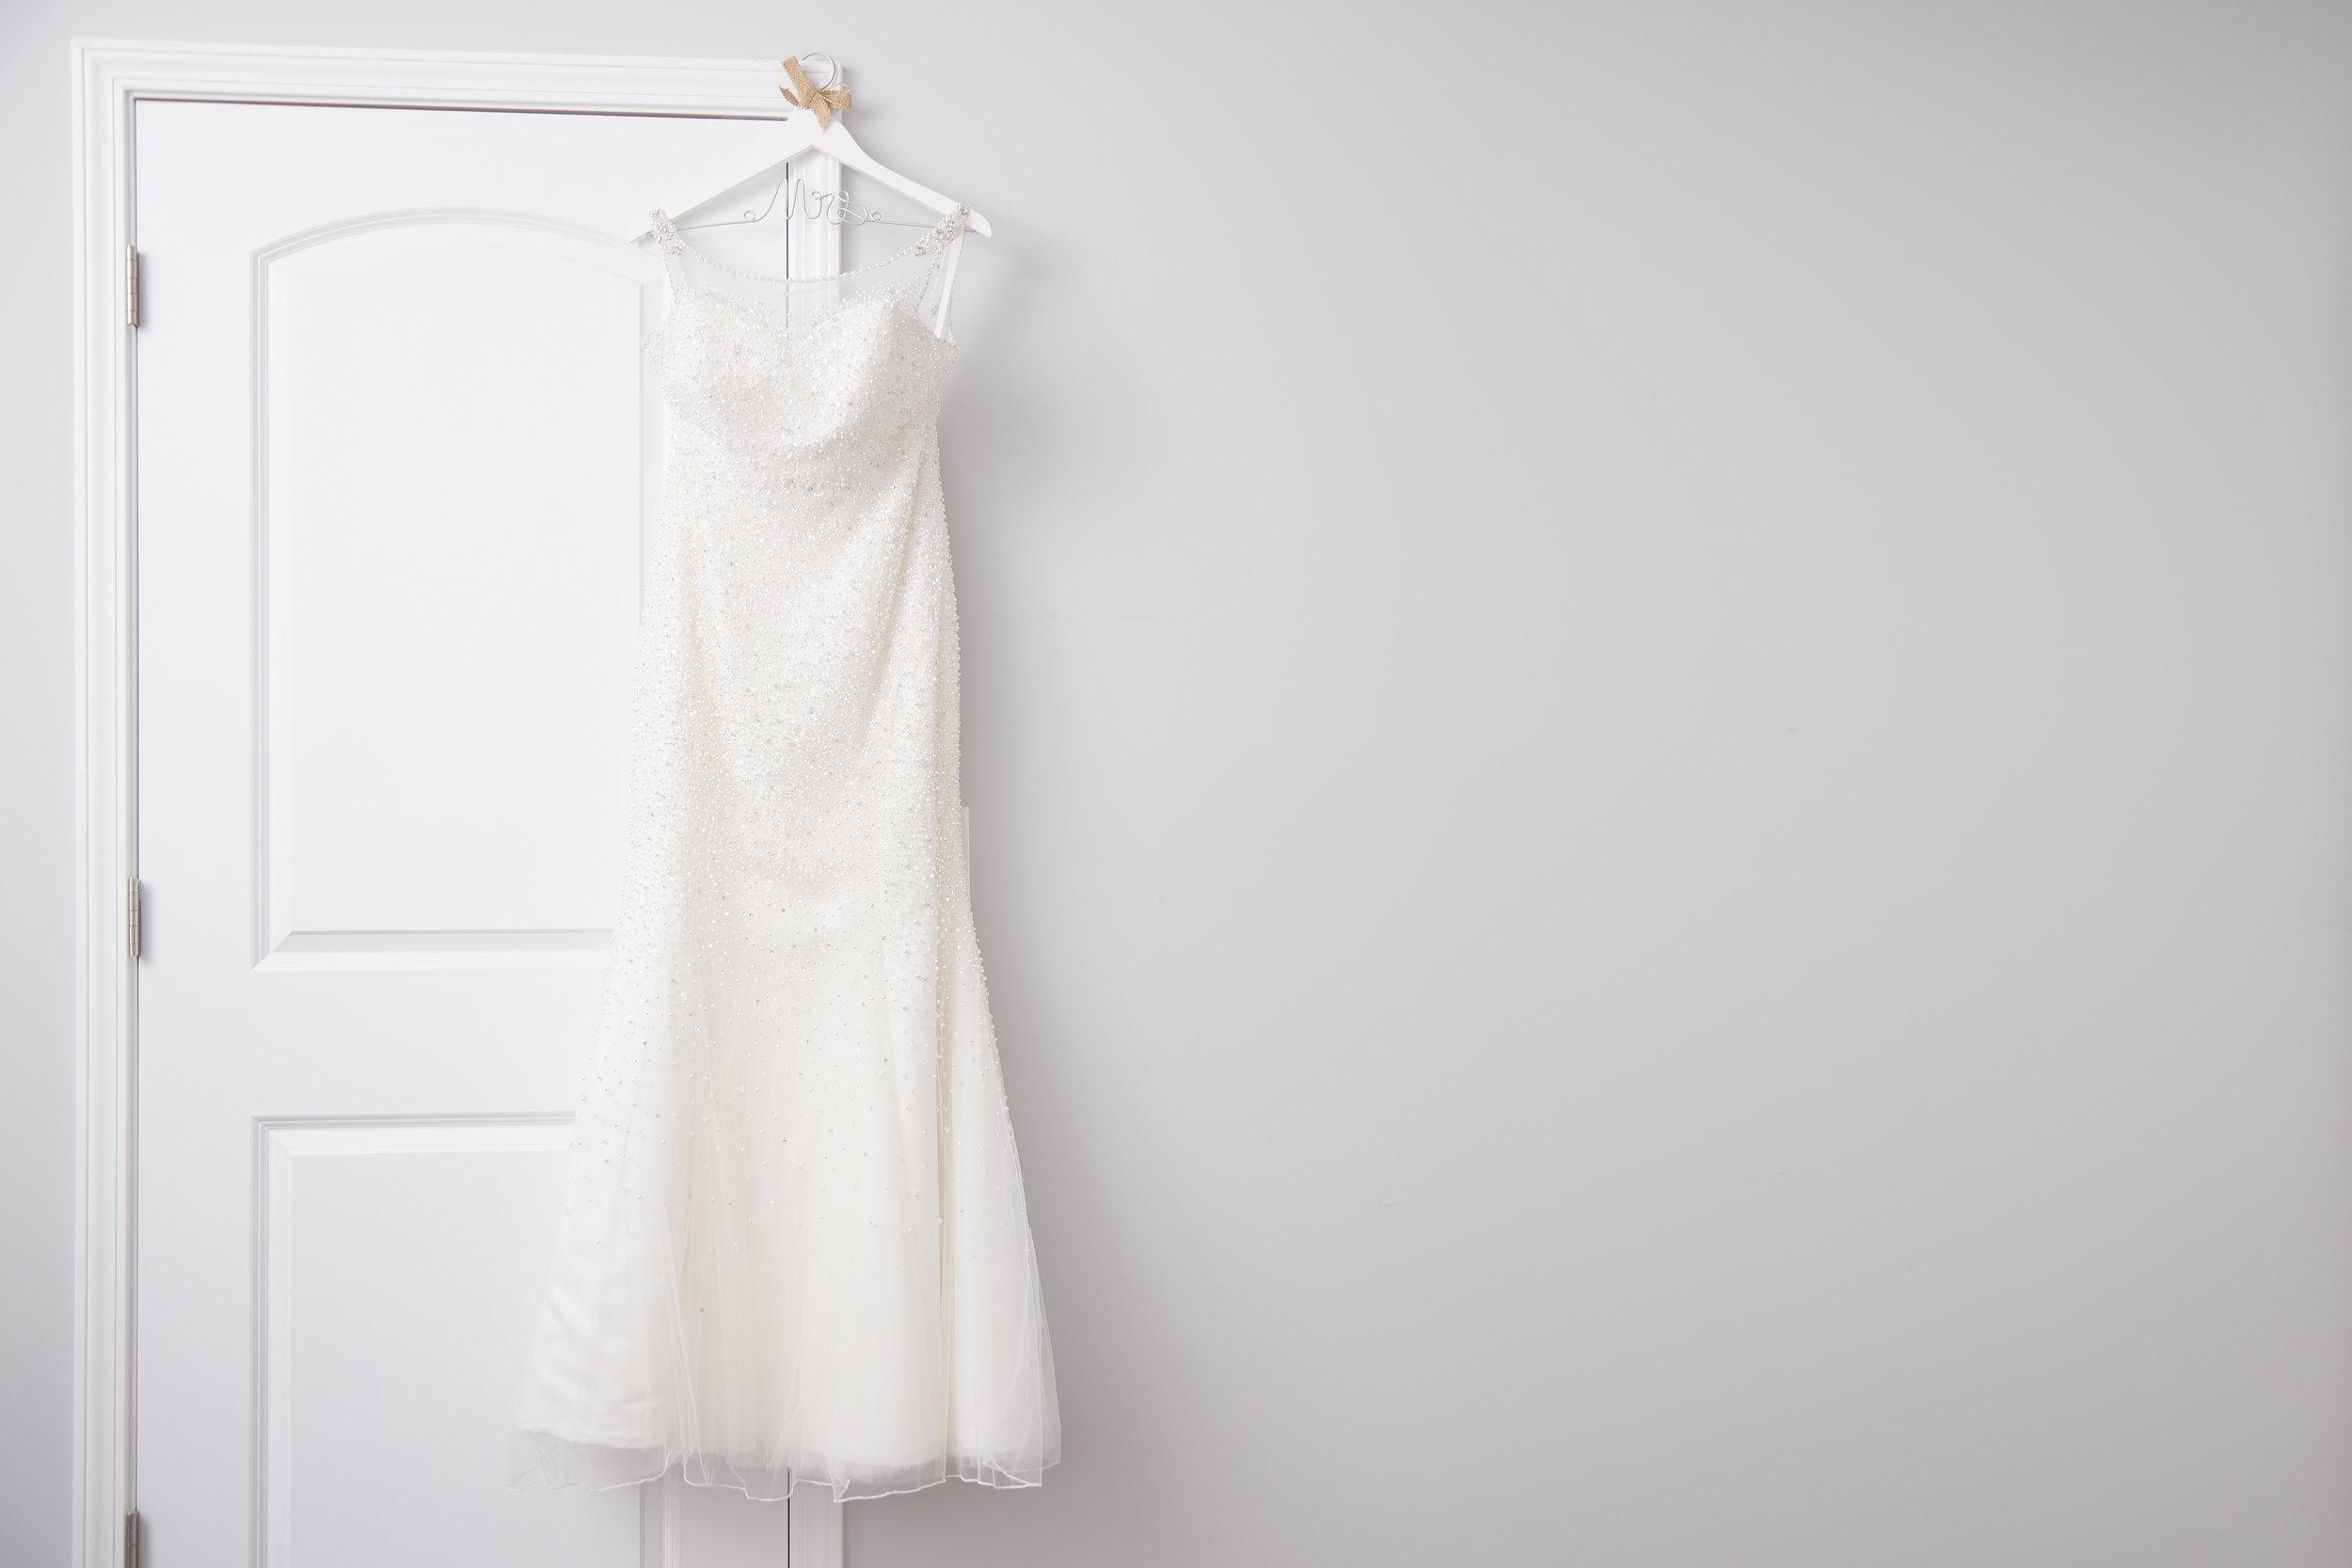 bridal white wedding gown detail photo